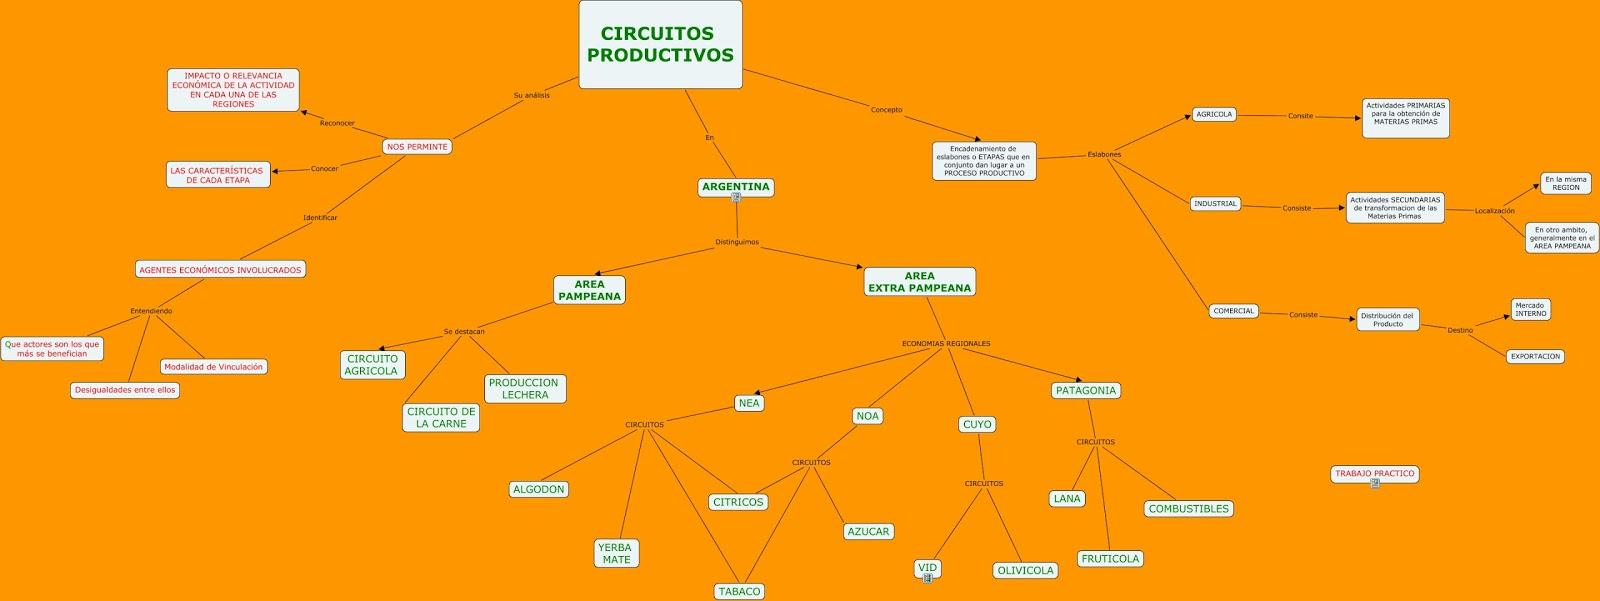 Circuito Productivo : Los sistemas productivos y su organizacion espacial